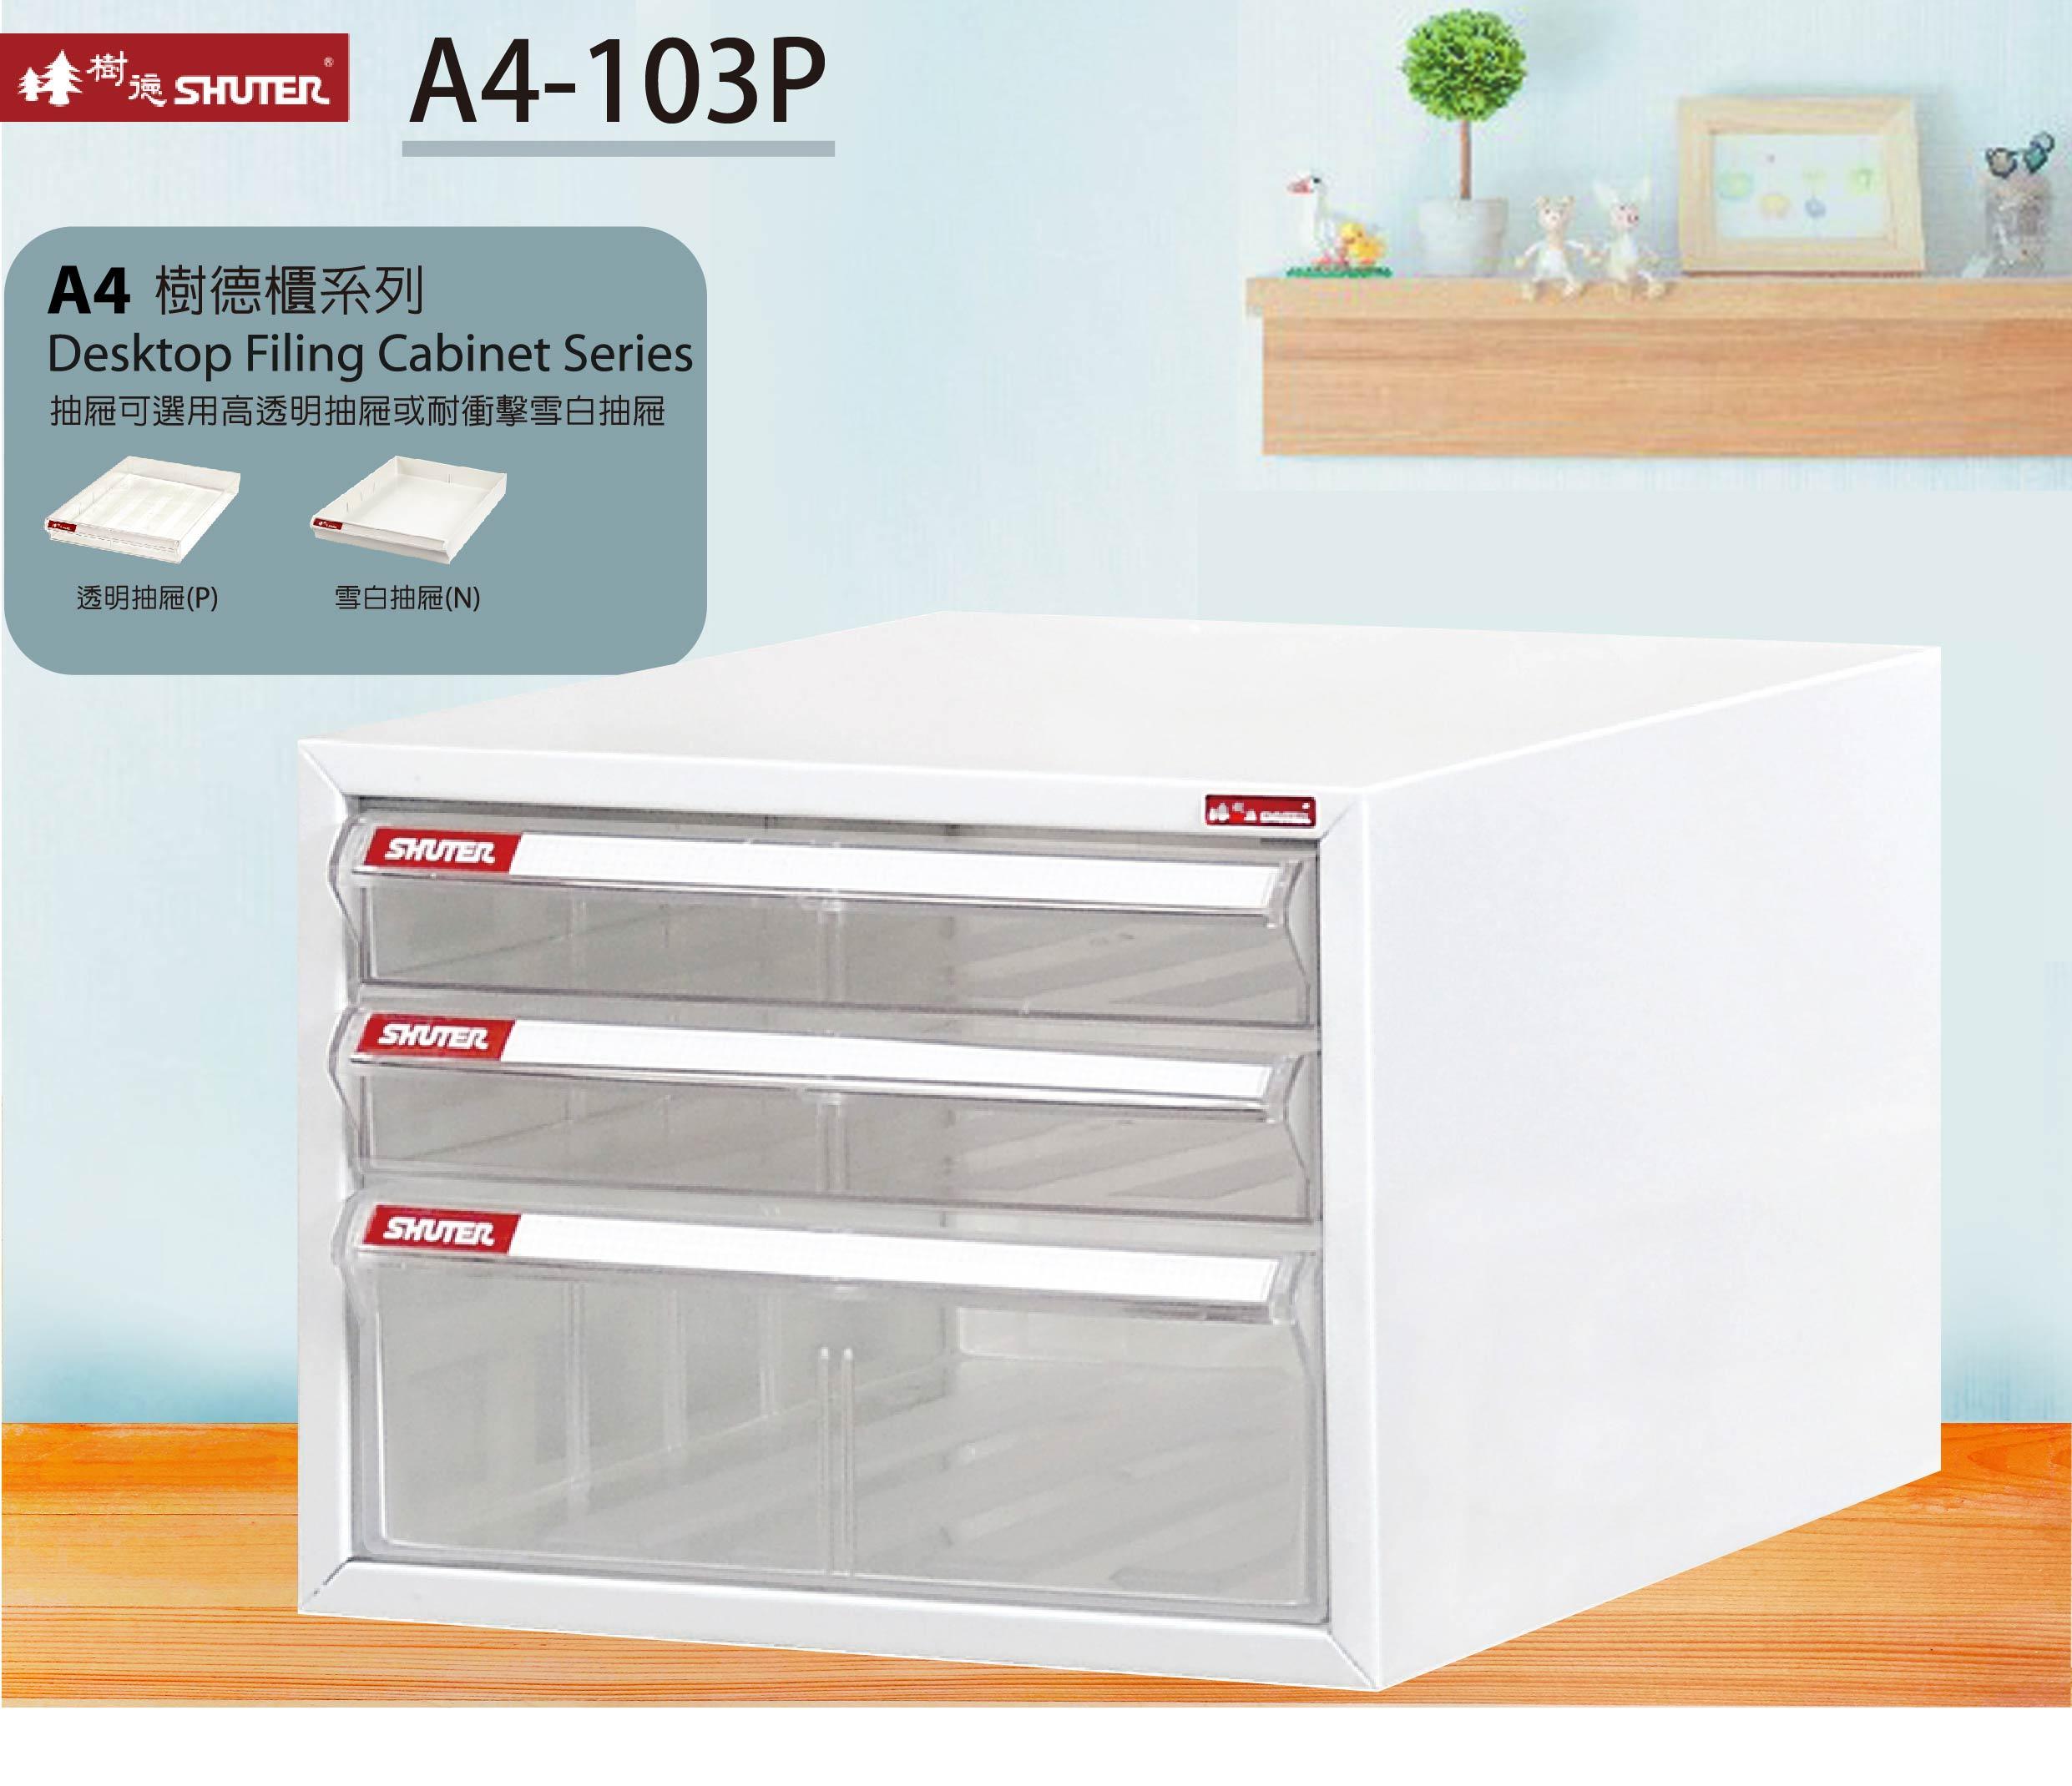 【樹德收納系列】 檔案櫃 文件櫃 收納櫃 效率櫃 桌上型資料櫃 A4-103P